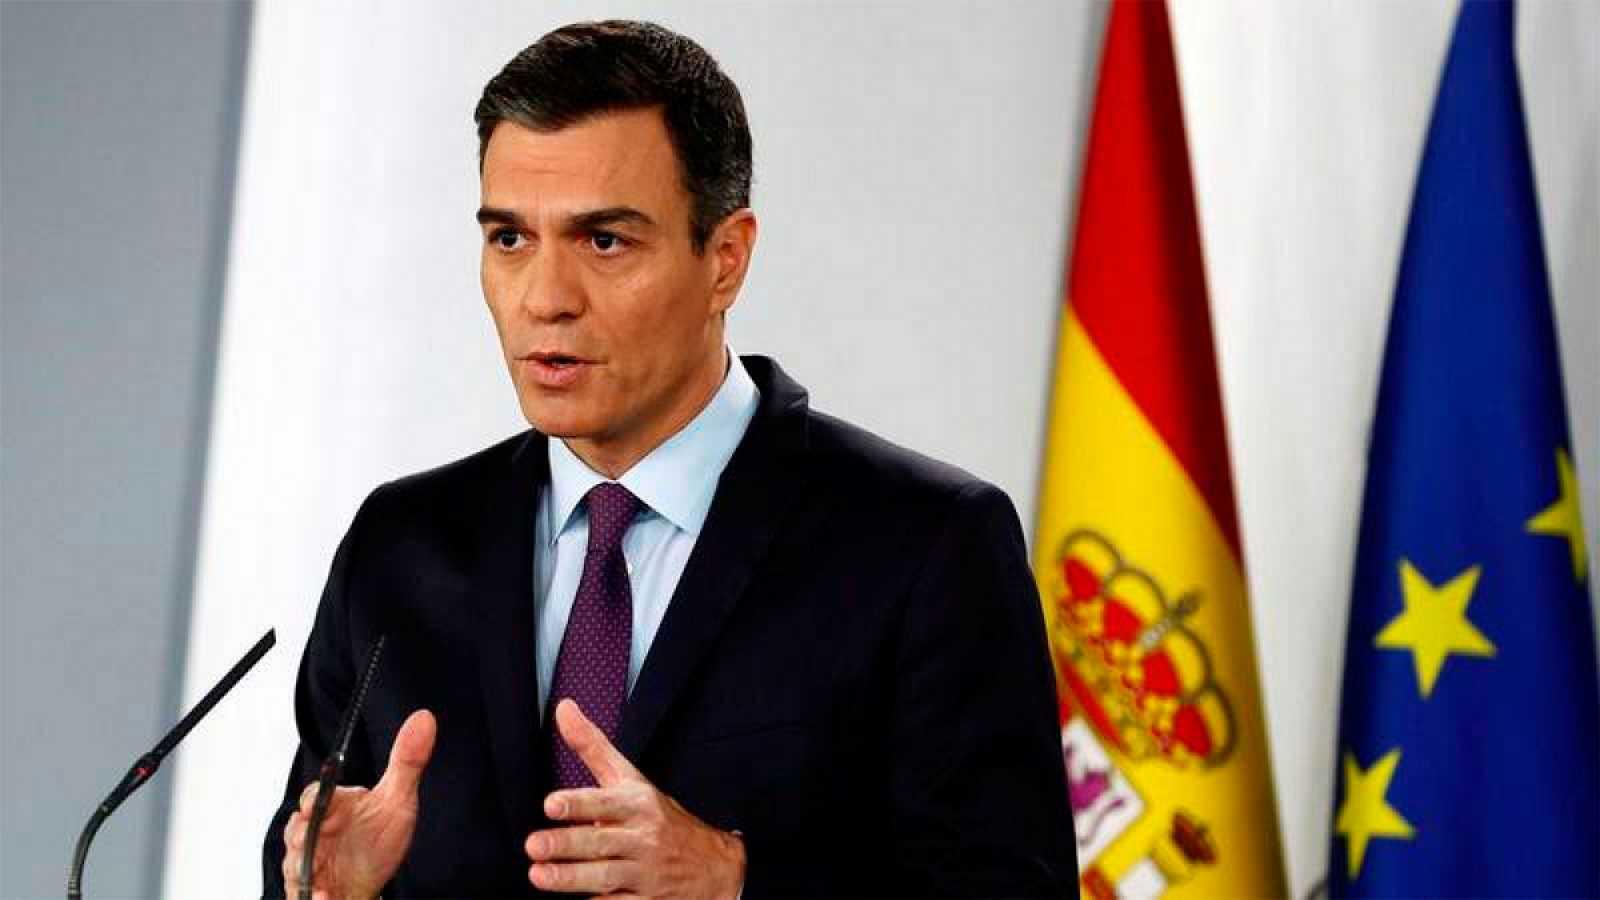 El Gobierno de Pedro Sánchez ha amagado con convocar elecciones generales antes de verano si encallan los Presupuestos el próximo miércoles. Desde Moncloa confirmaban a media mañana que había dos nuevas fechas sobre la mesa para un posible adelanto e